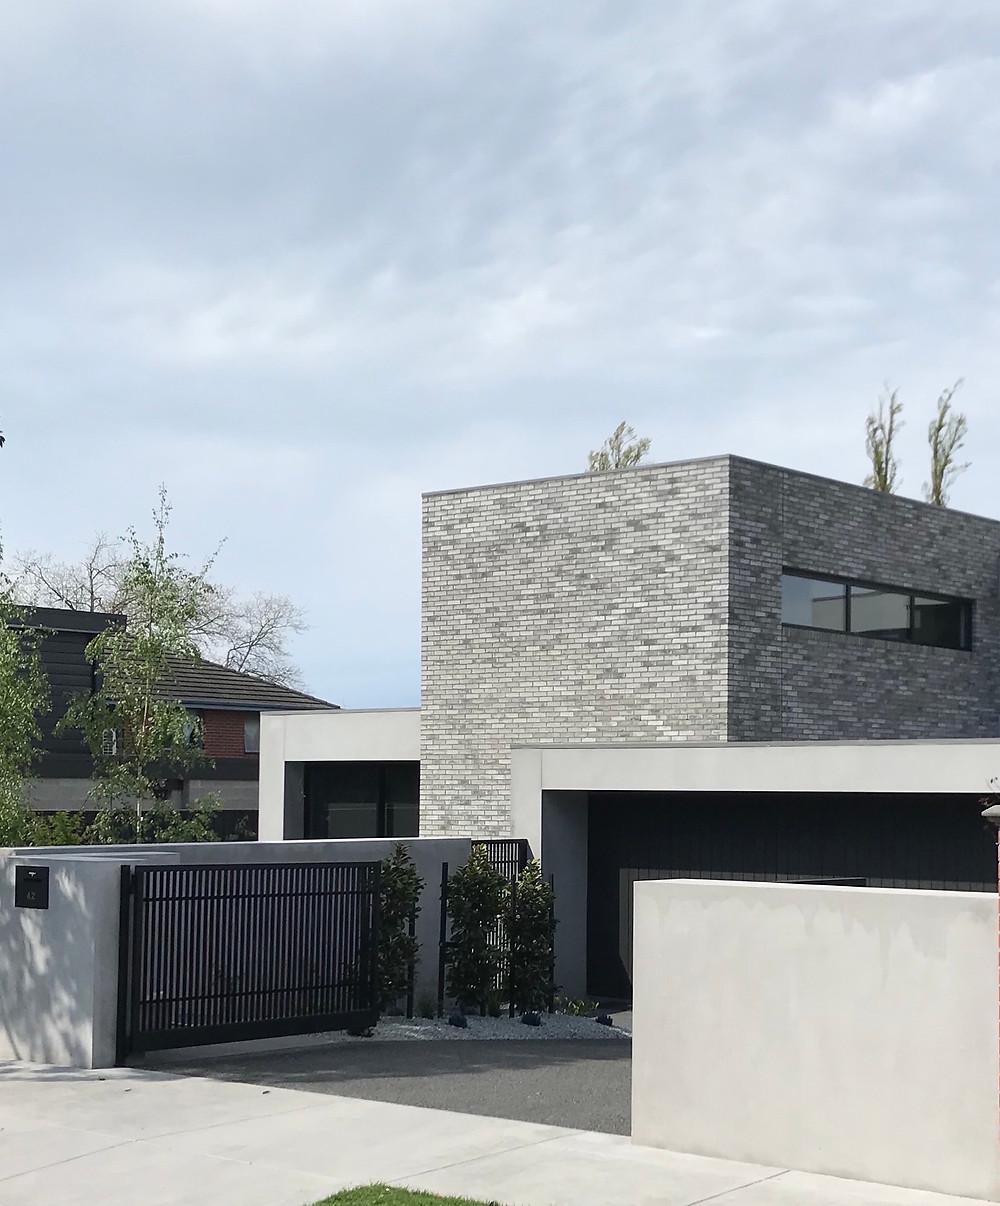 Petersen D91 bricks, Kew East